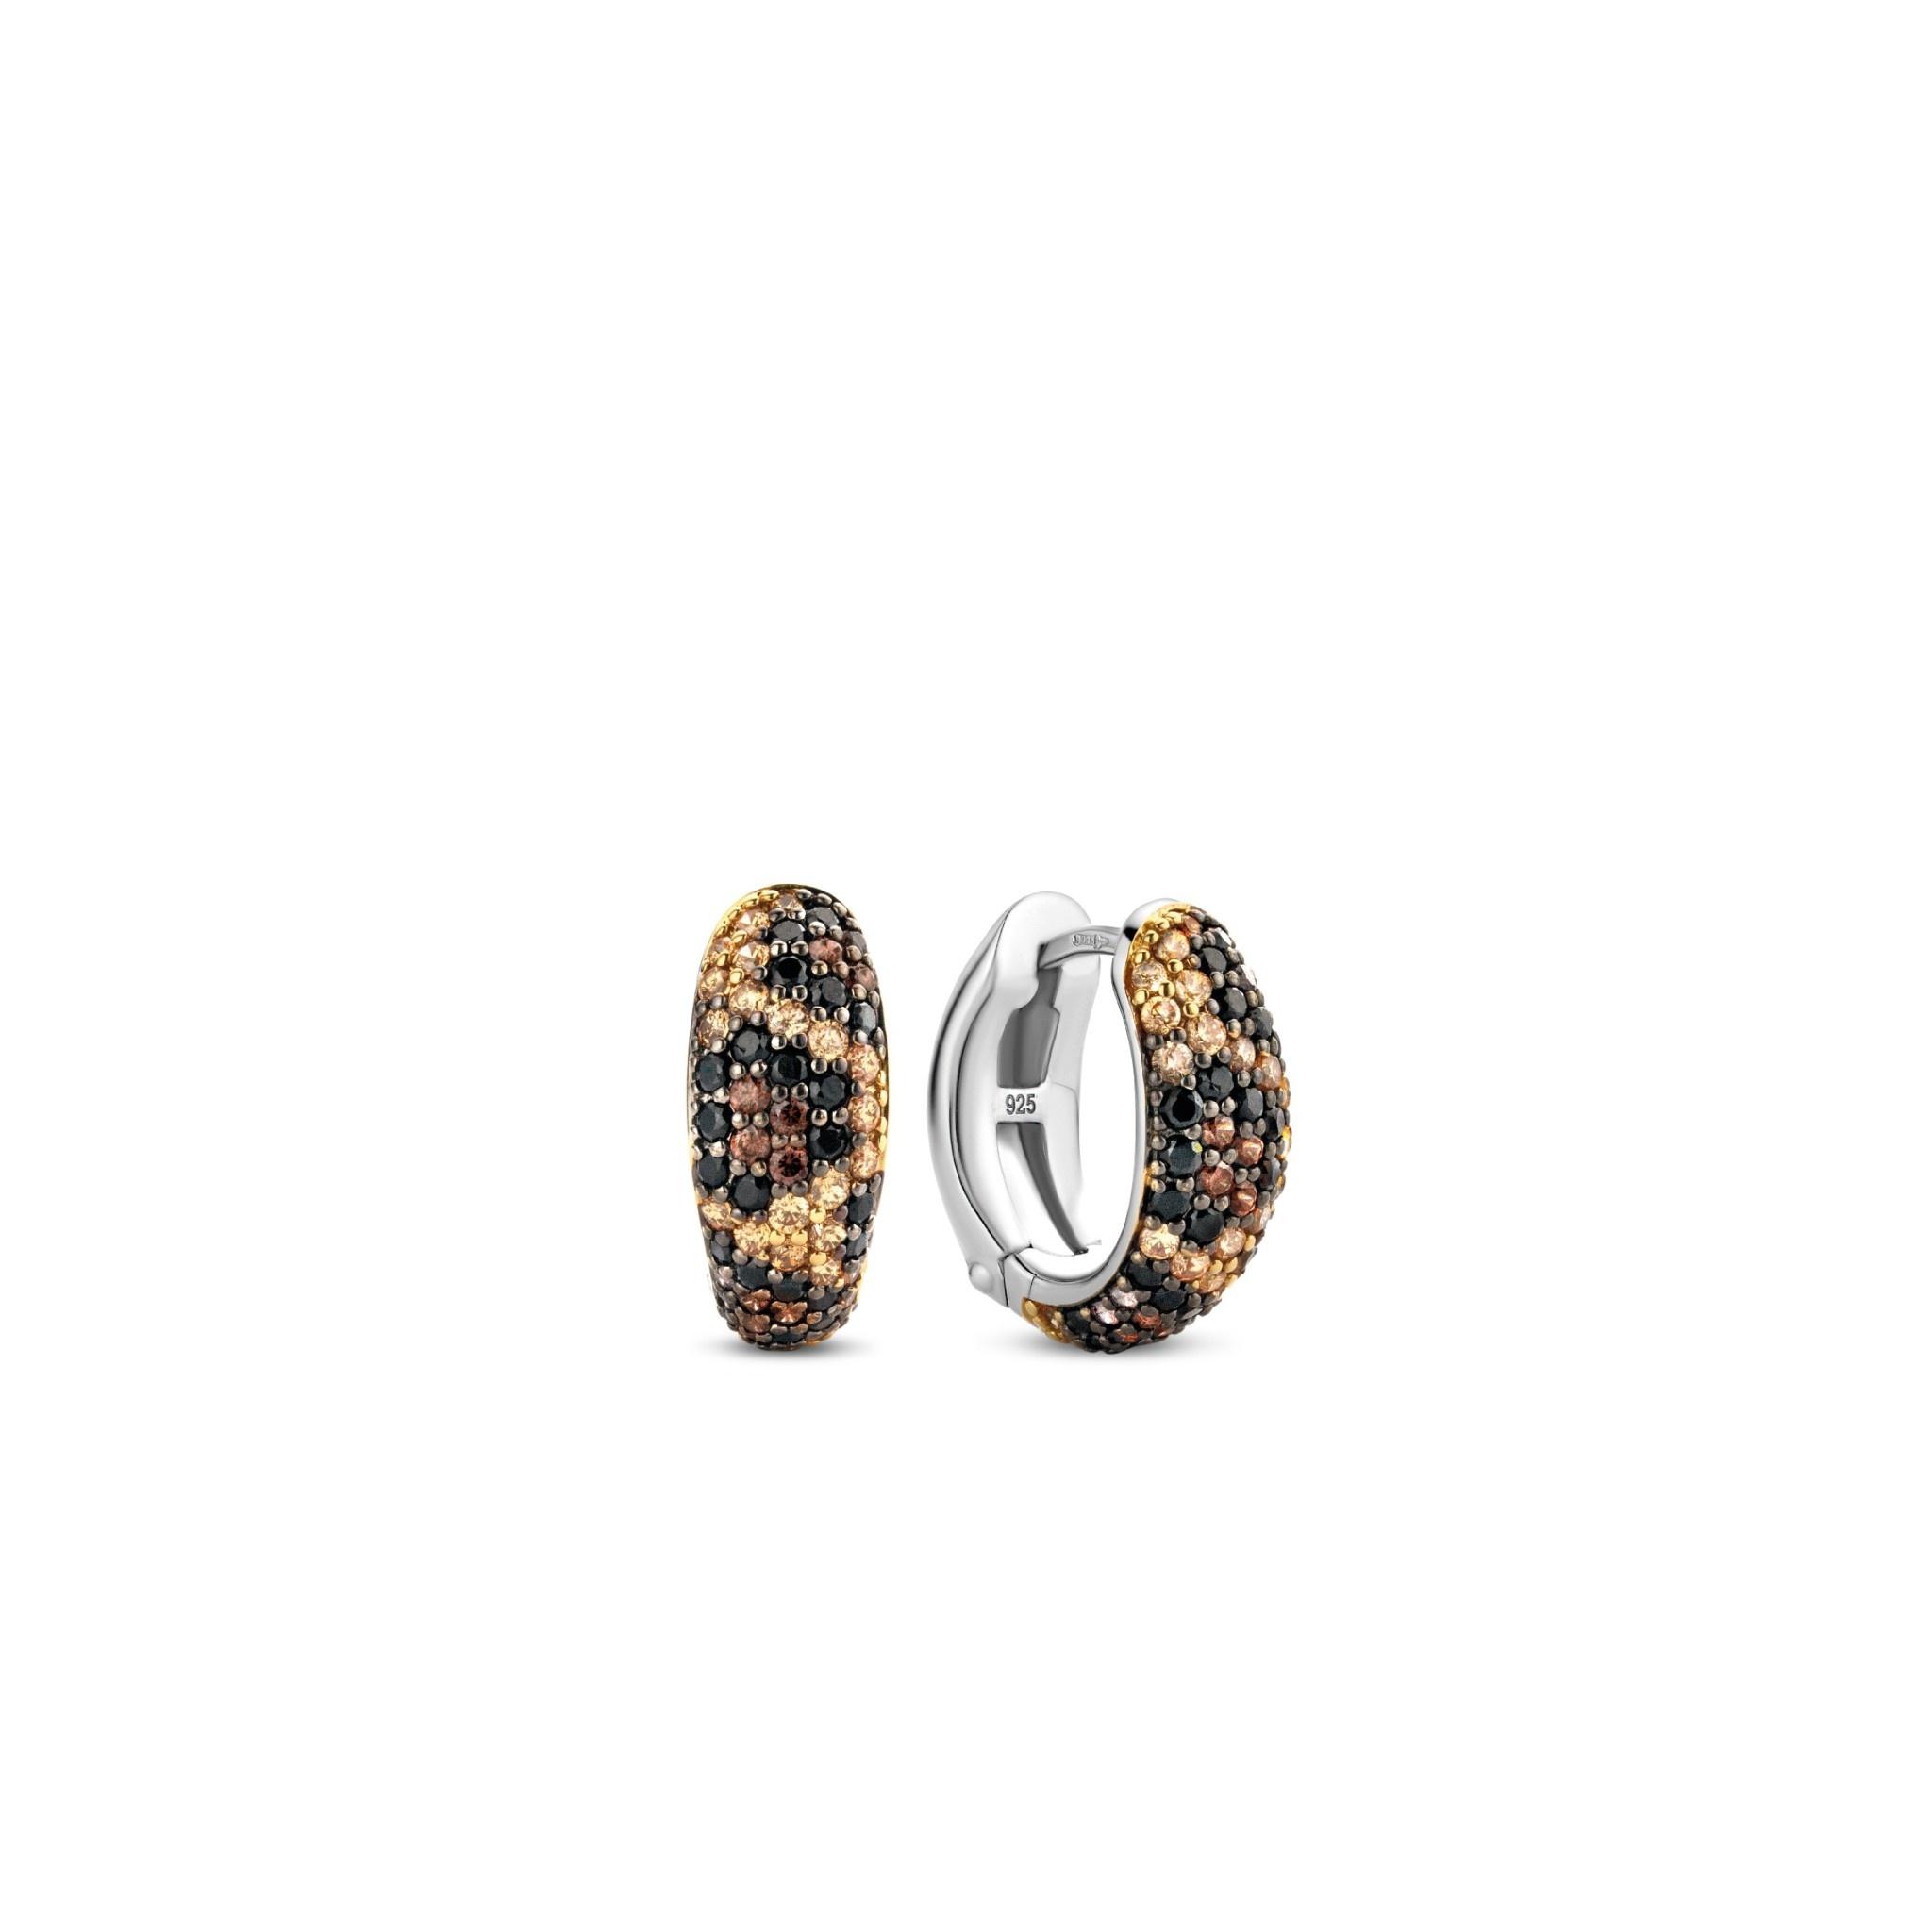 TI SENTO - Milano Earrings 7837TU-1